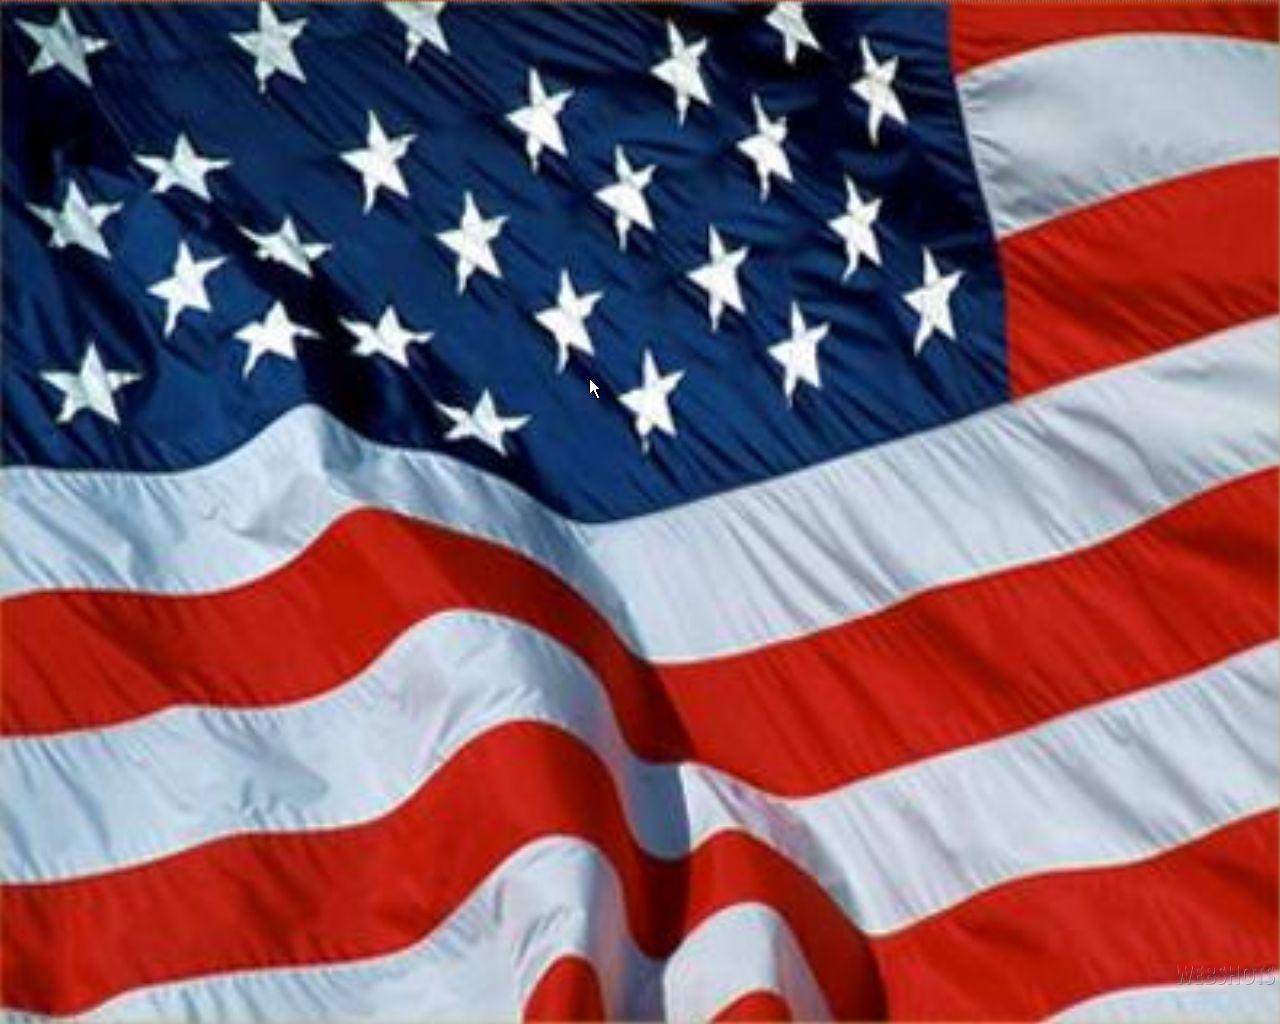 http://4.bp.blogspot.com/-mri3dIZHc_g/Tq_577P6kjI/AAAAAAAAAXA/ybKttqS8X_8/s1600/USA-wallpaper.jpg